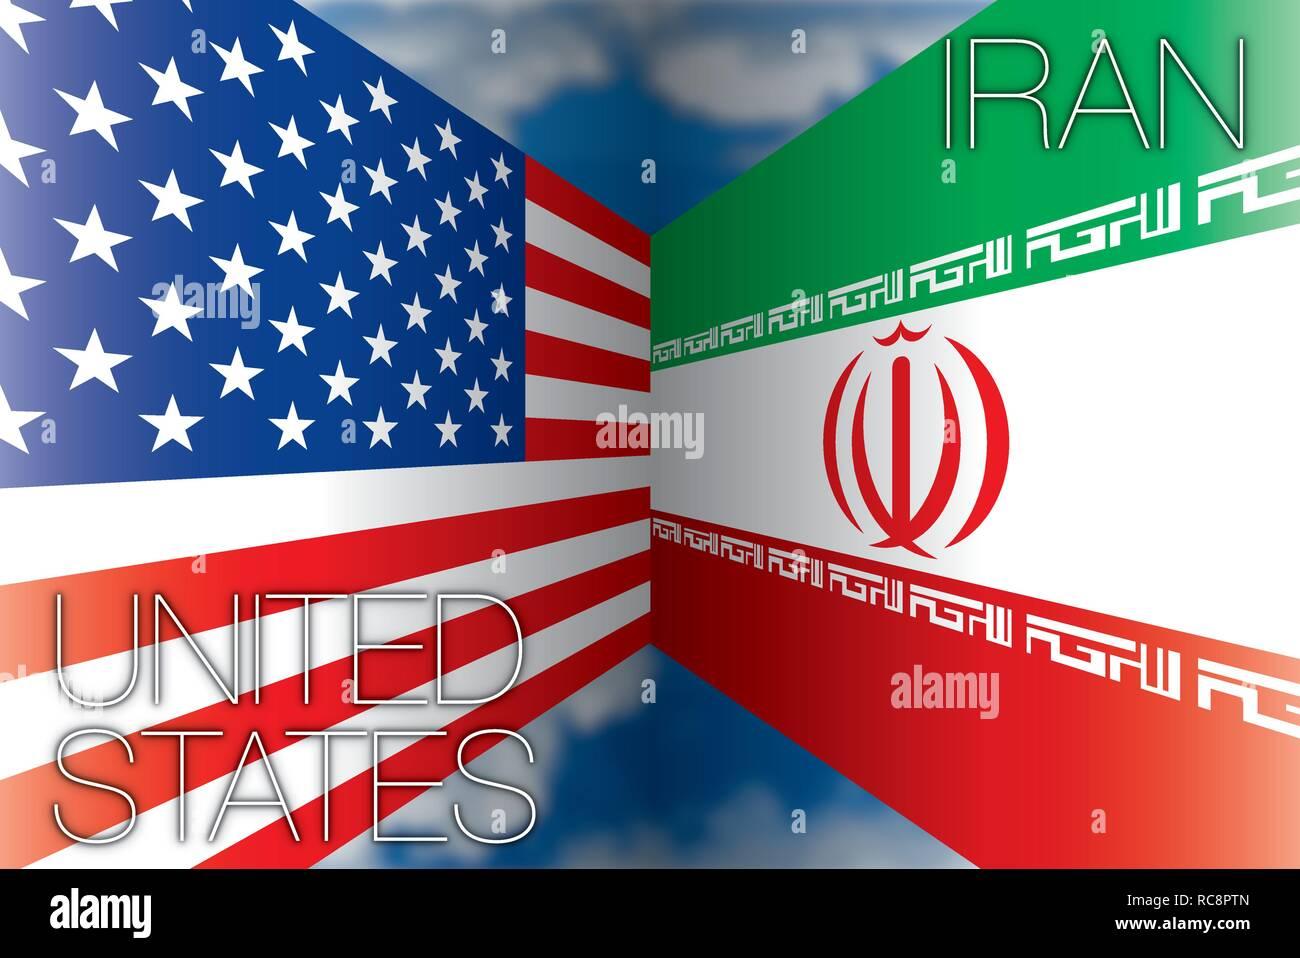 Stati Uniti d'America contro l'Iran bandiere, illustrazione vettoriale Immagini Stock